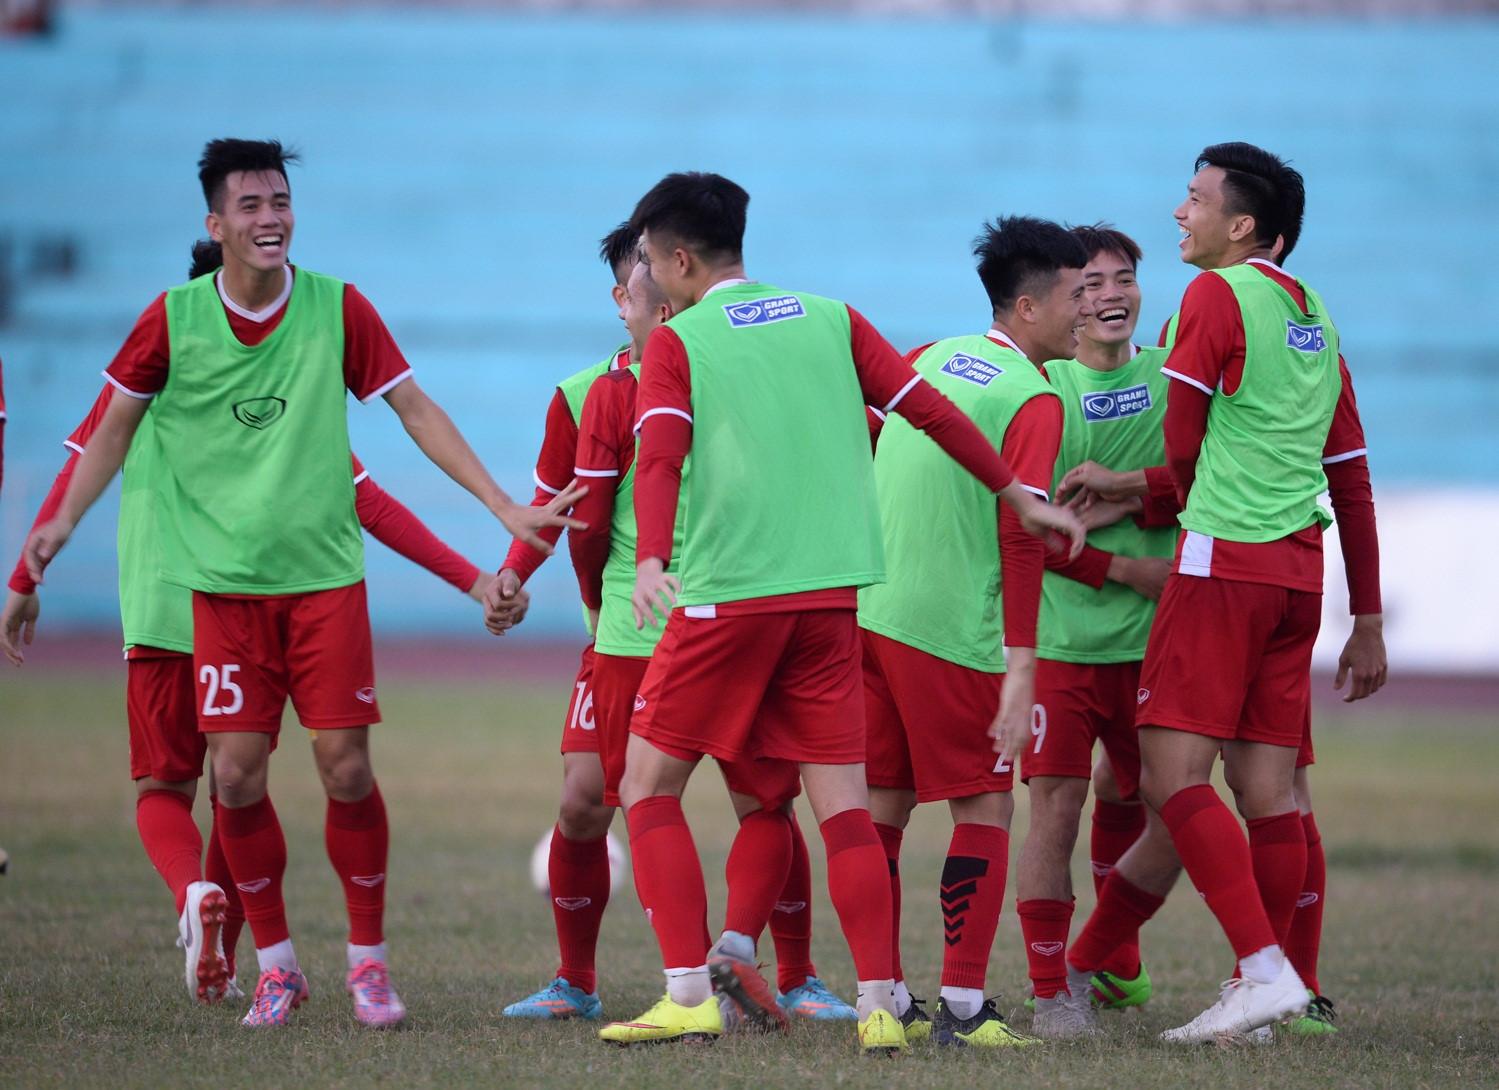 Tuyển Việt Nam tập chung sân với người dân đi tập thể dục Ảnh 10